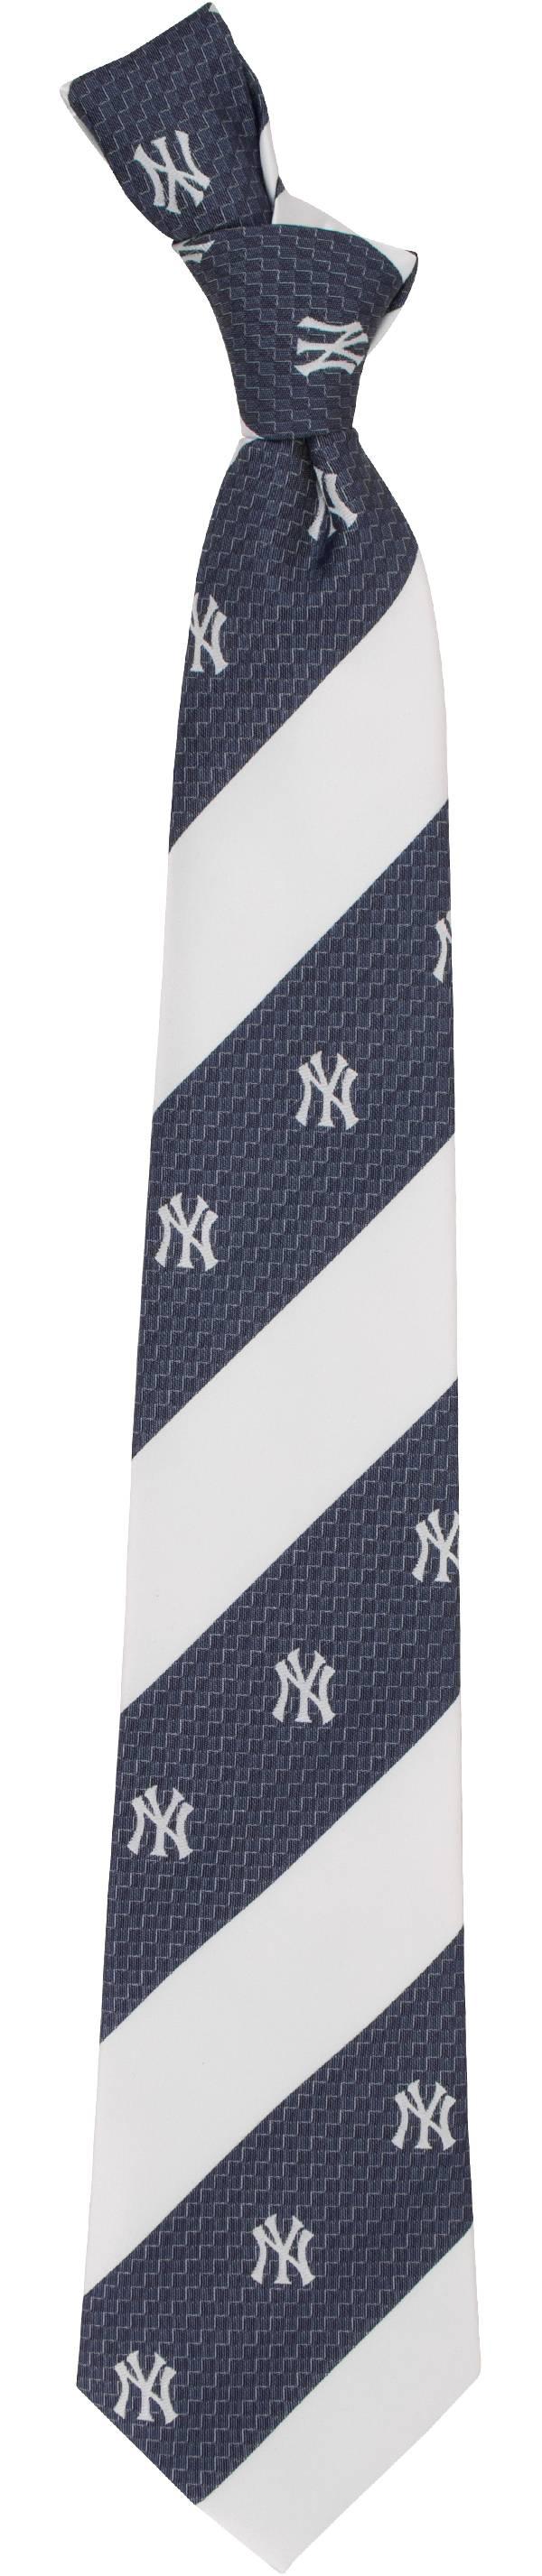 Eagles Wings New York Yankees Geo Stripe Necktie product image